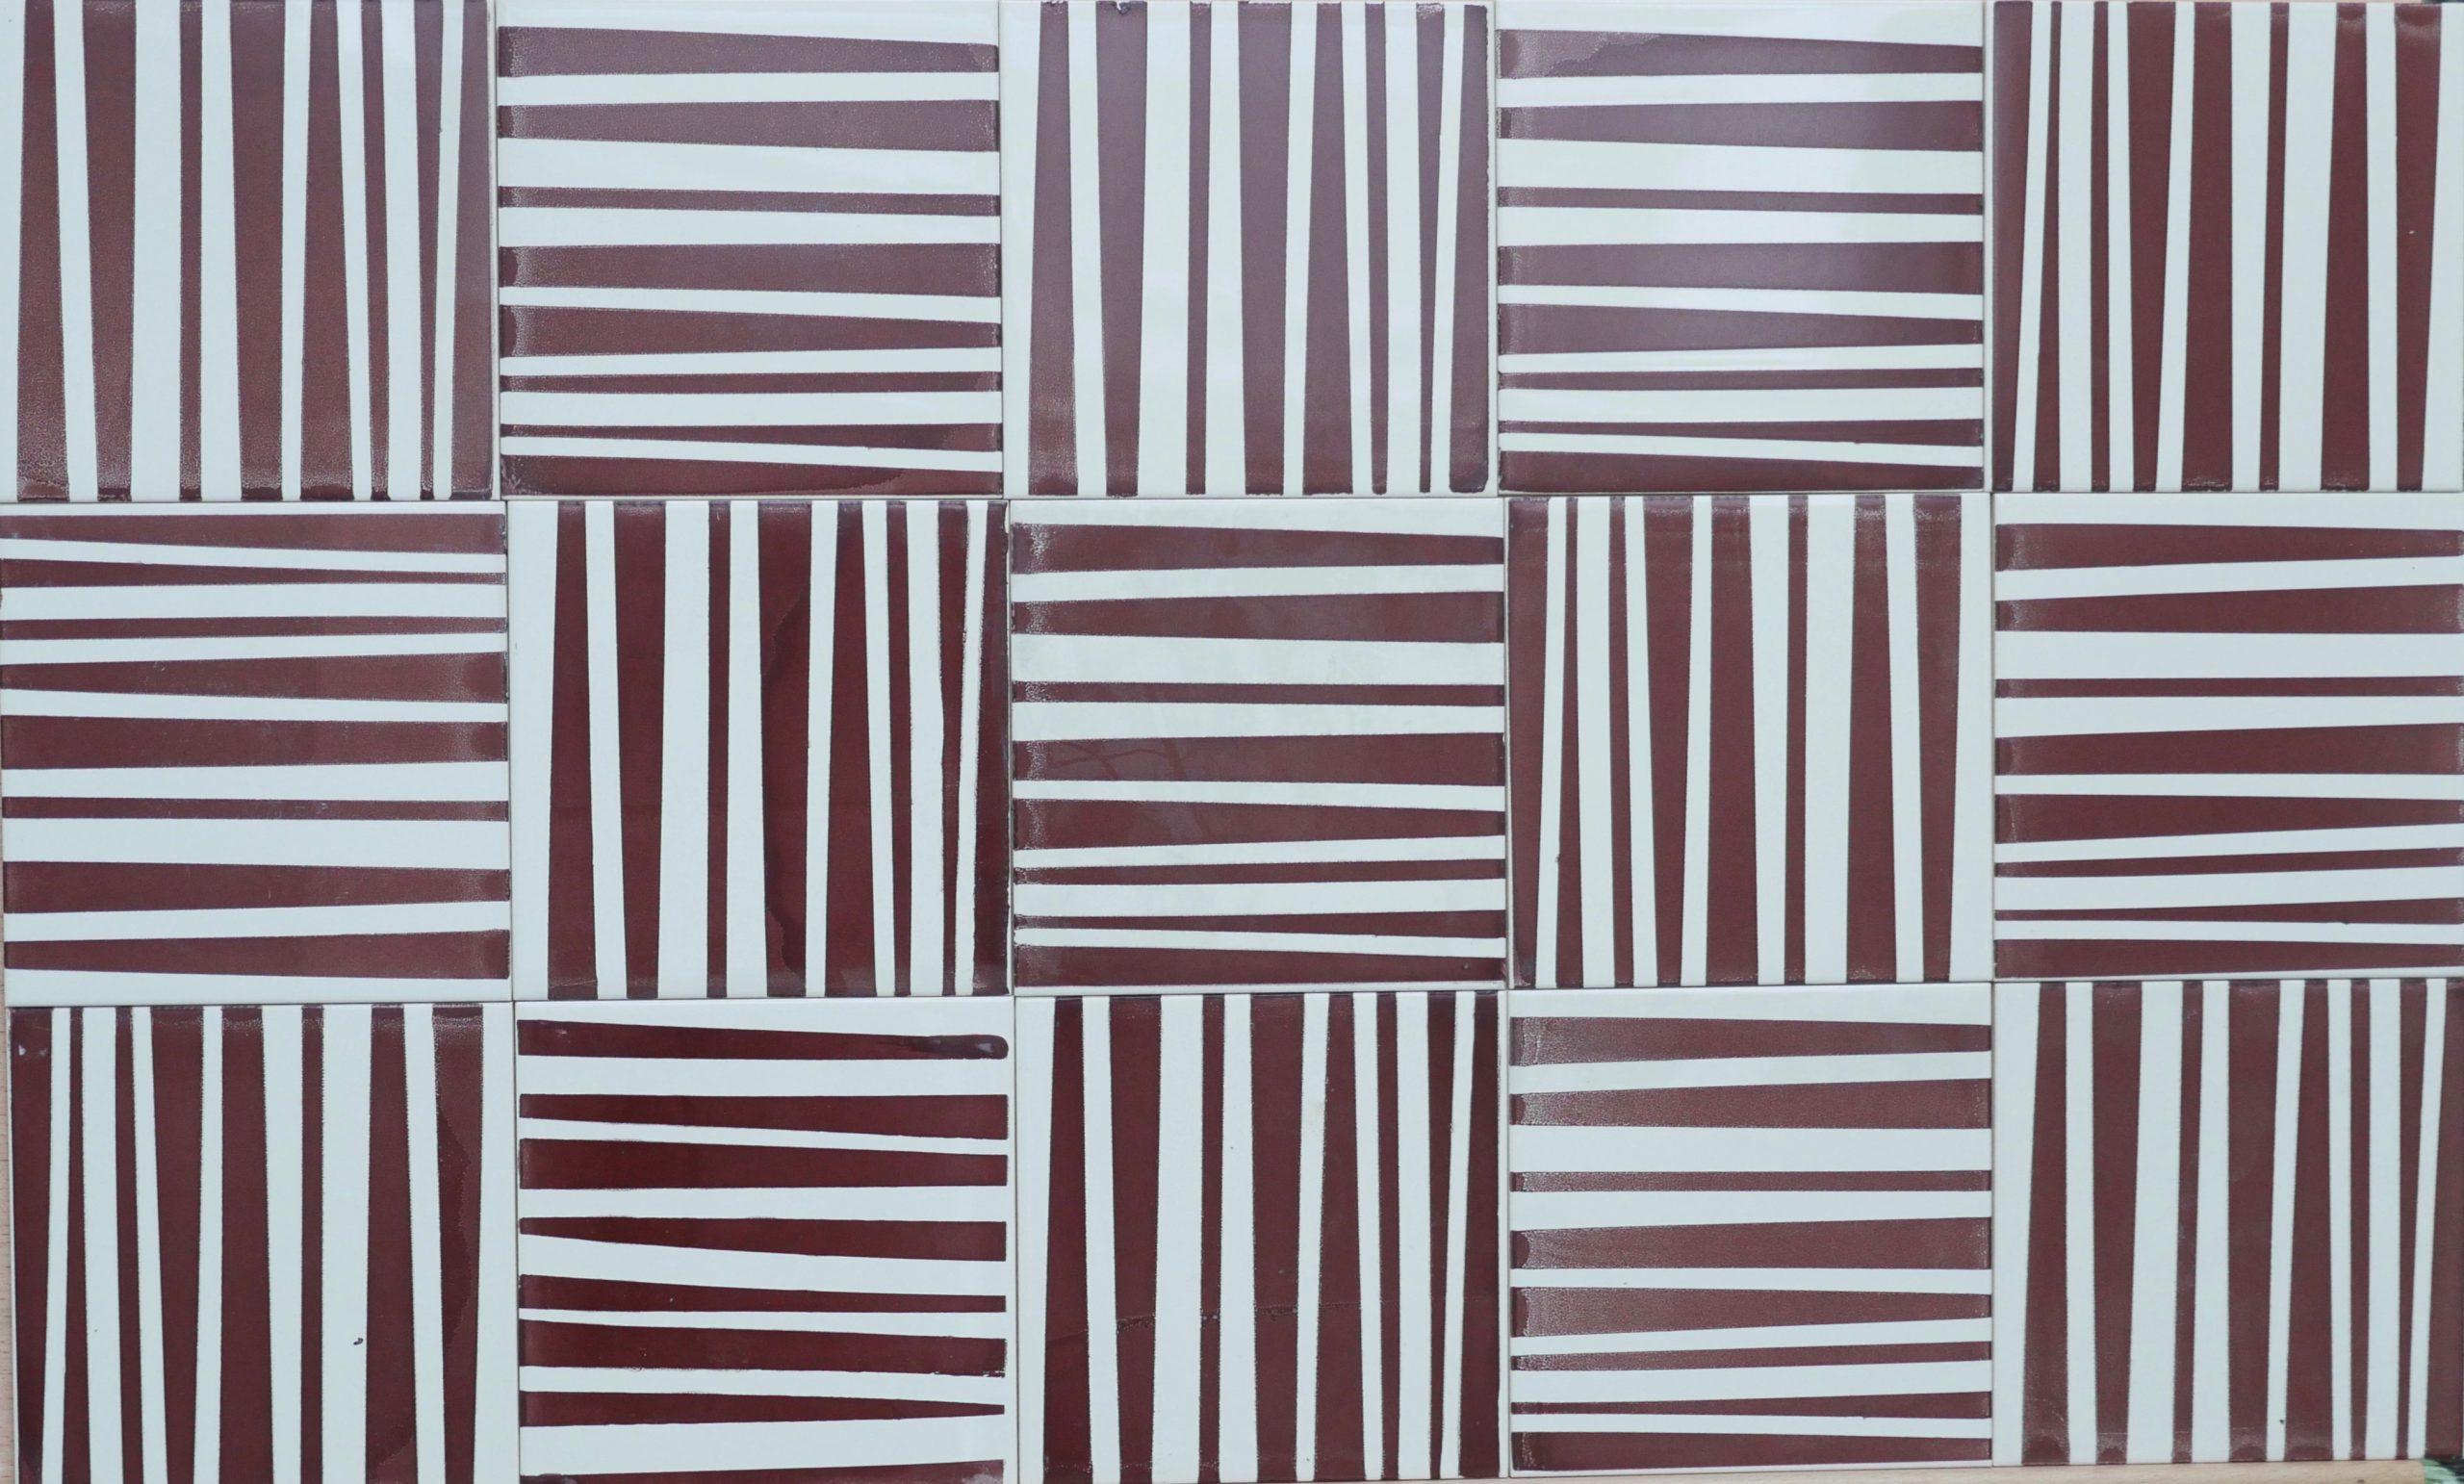 Brown stripes tiles